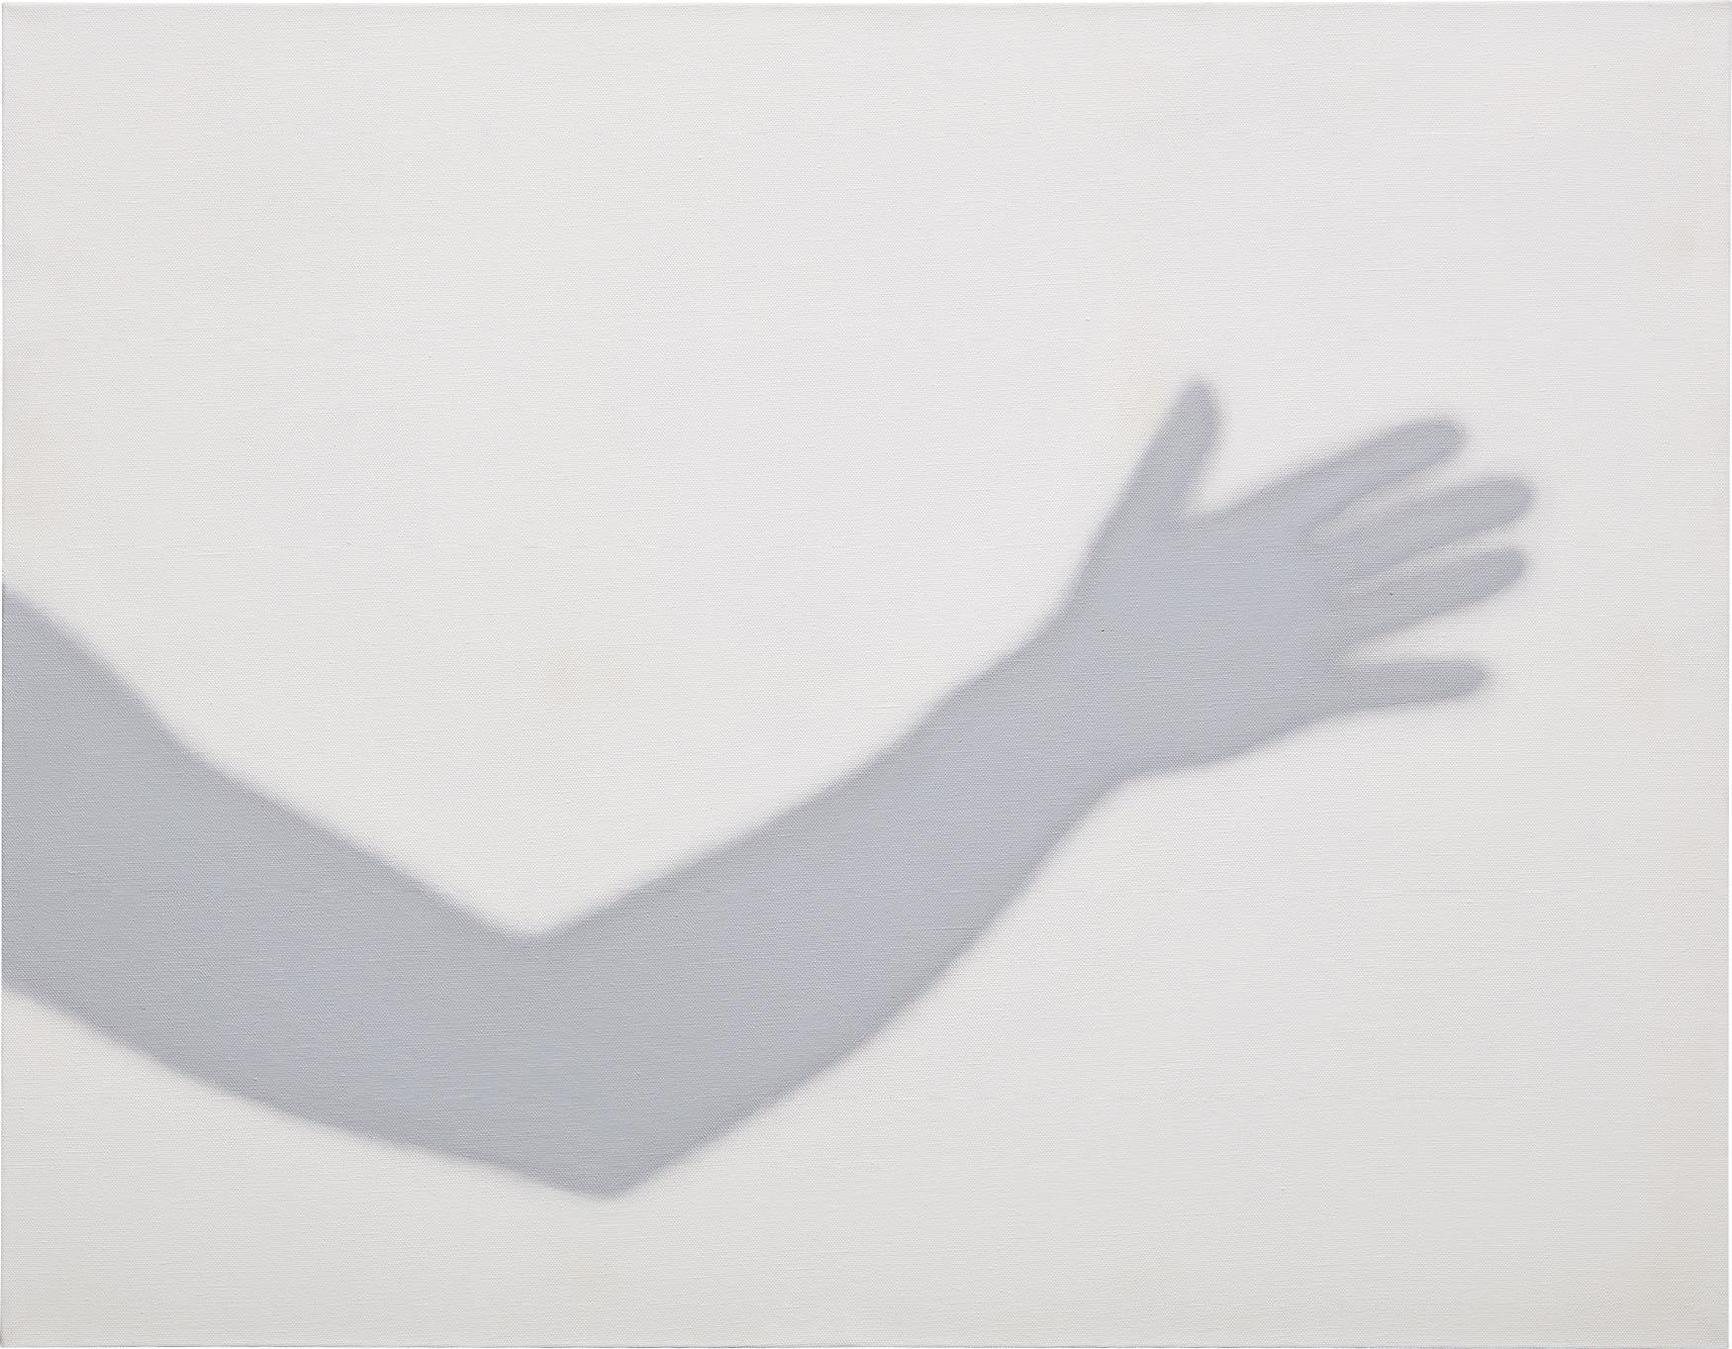 Jiro Takamatsu-Shadow No. 1459-1997